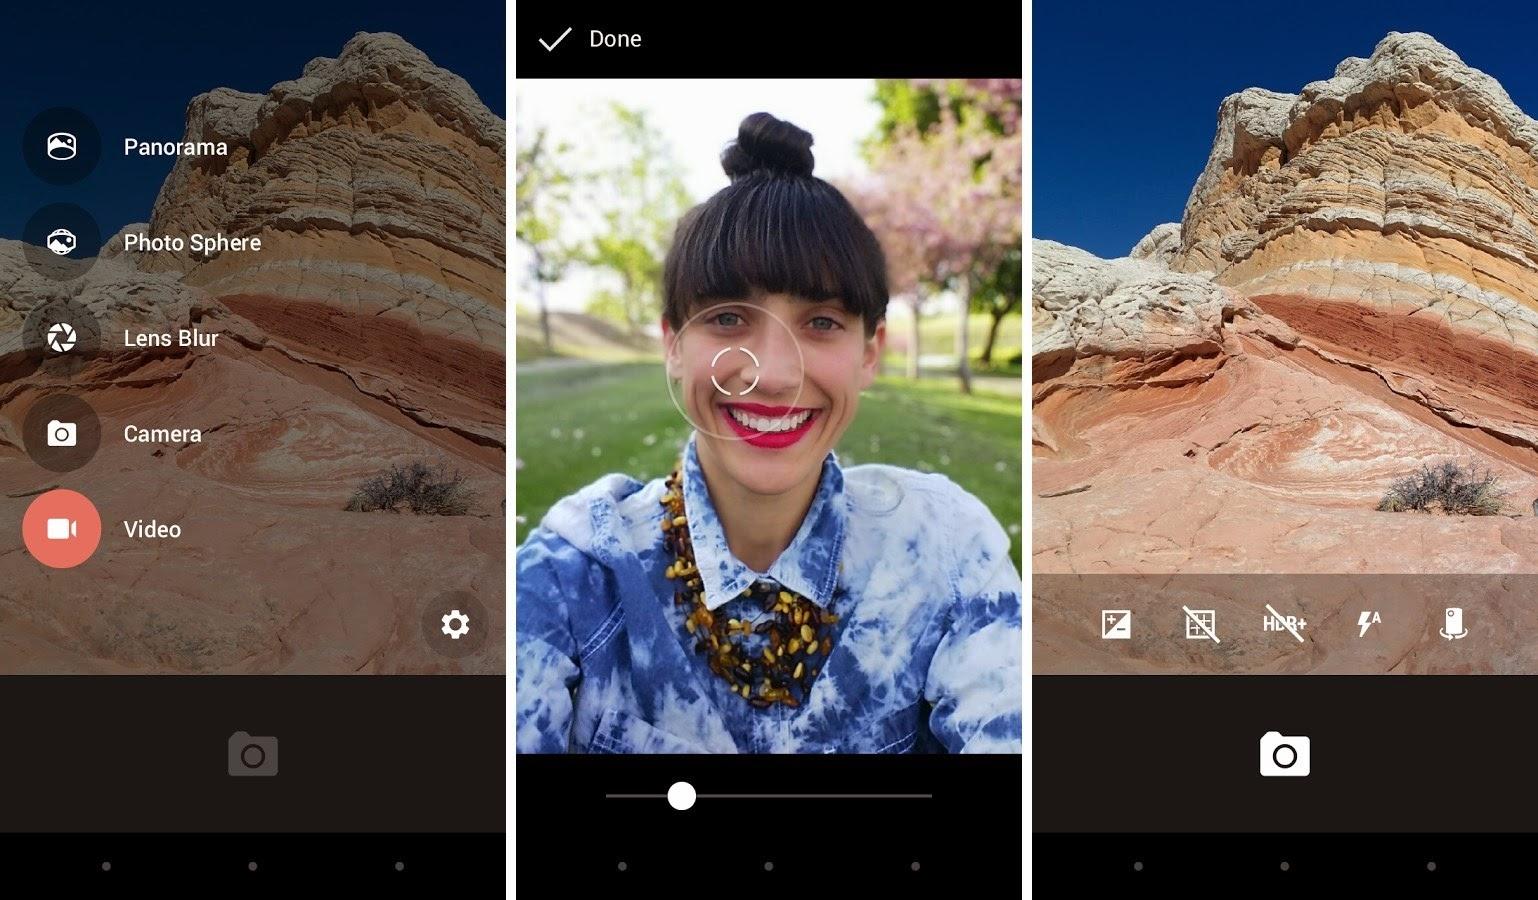 google pixel 2 camera apk download